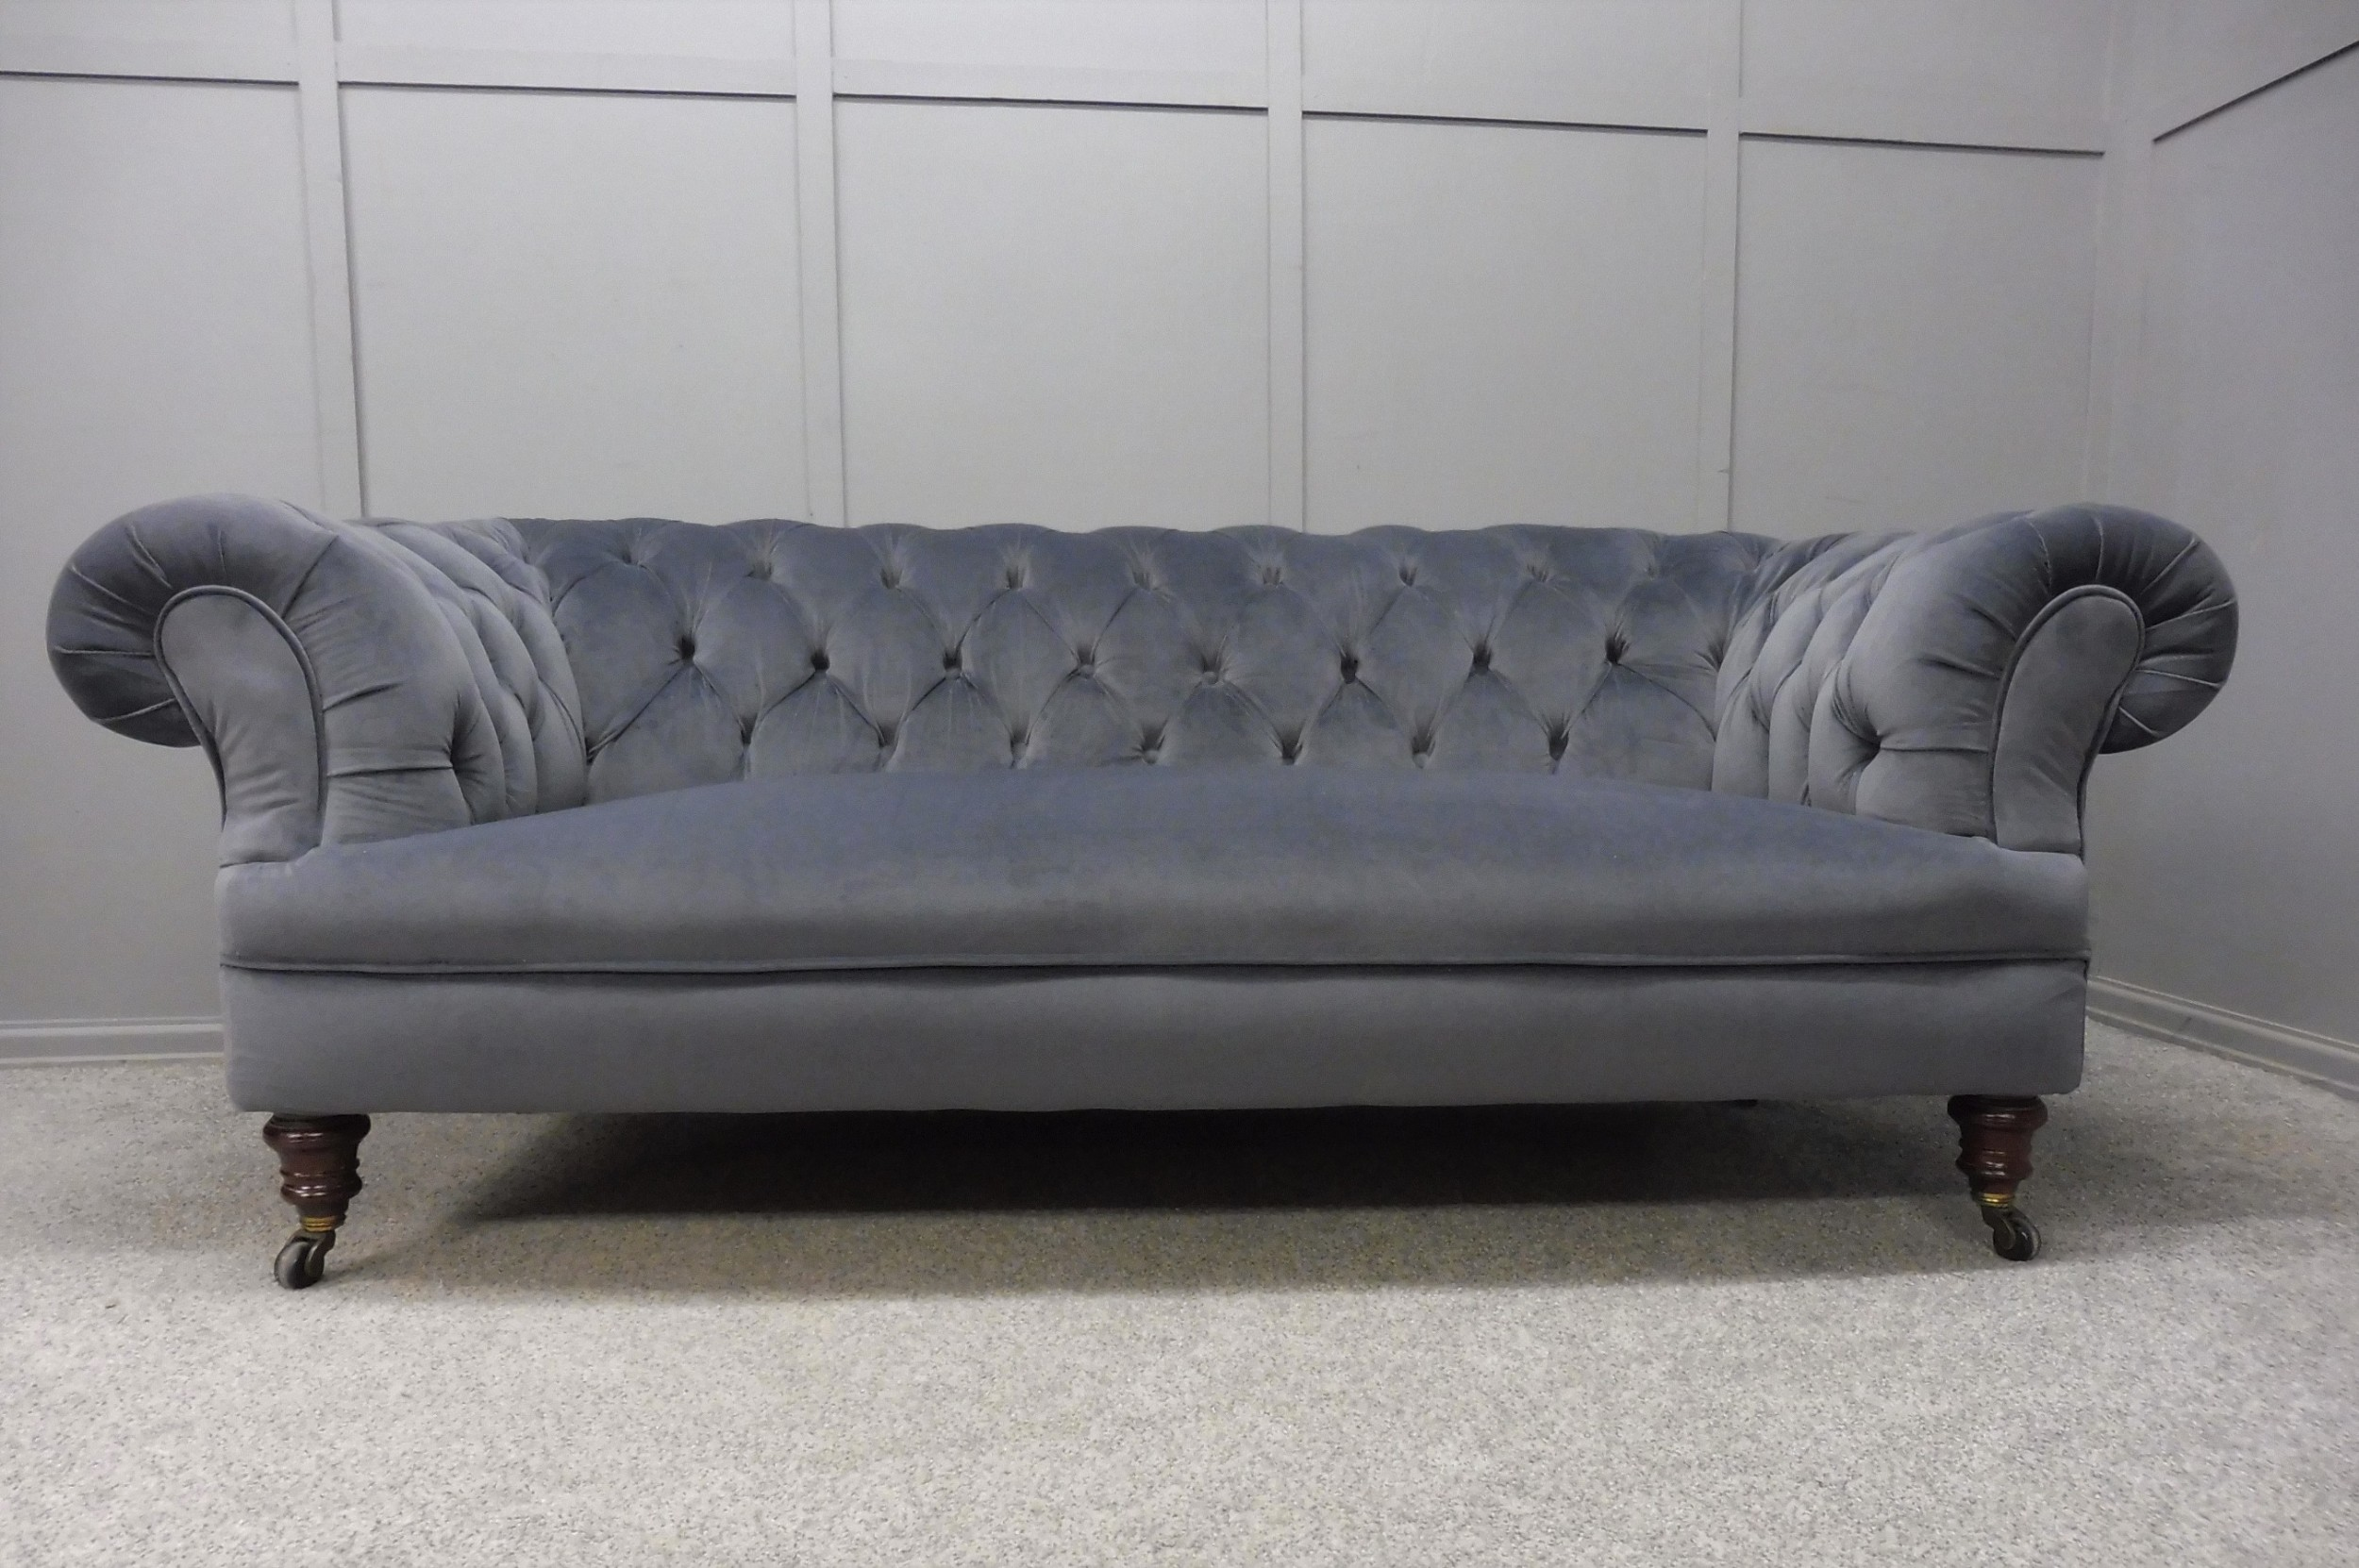 victorian chesterfield sofa newly upholstered in slate grey velvet